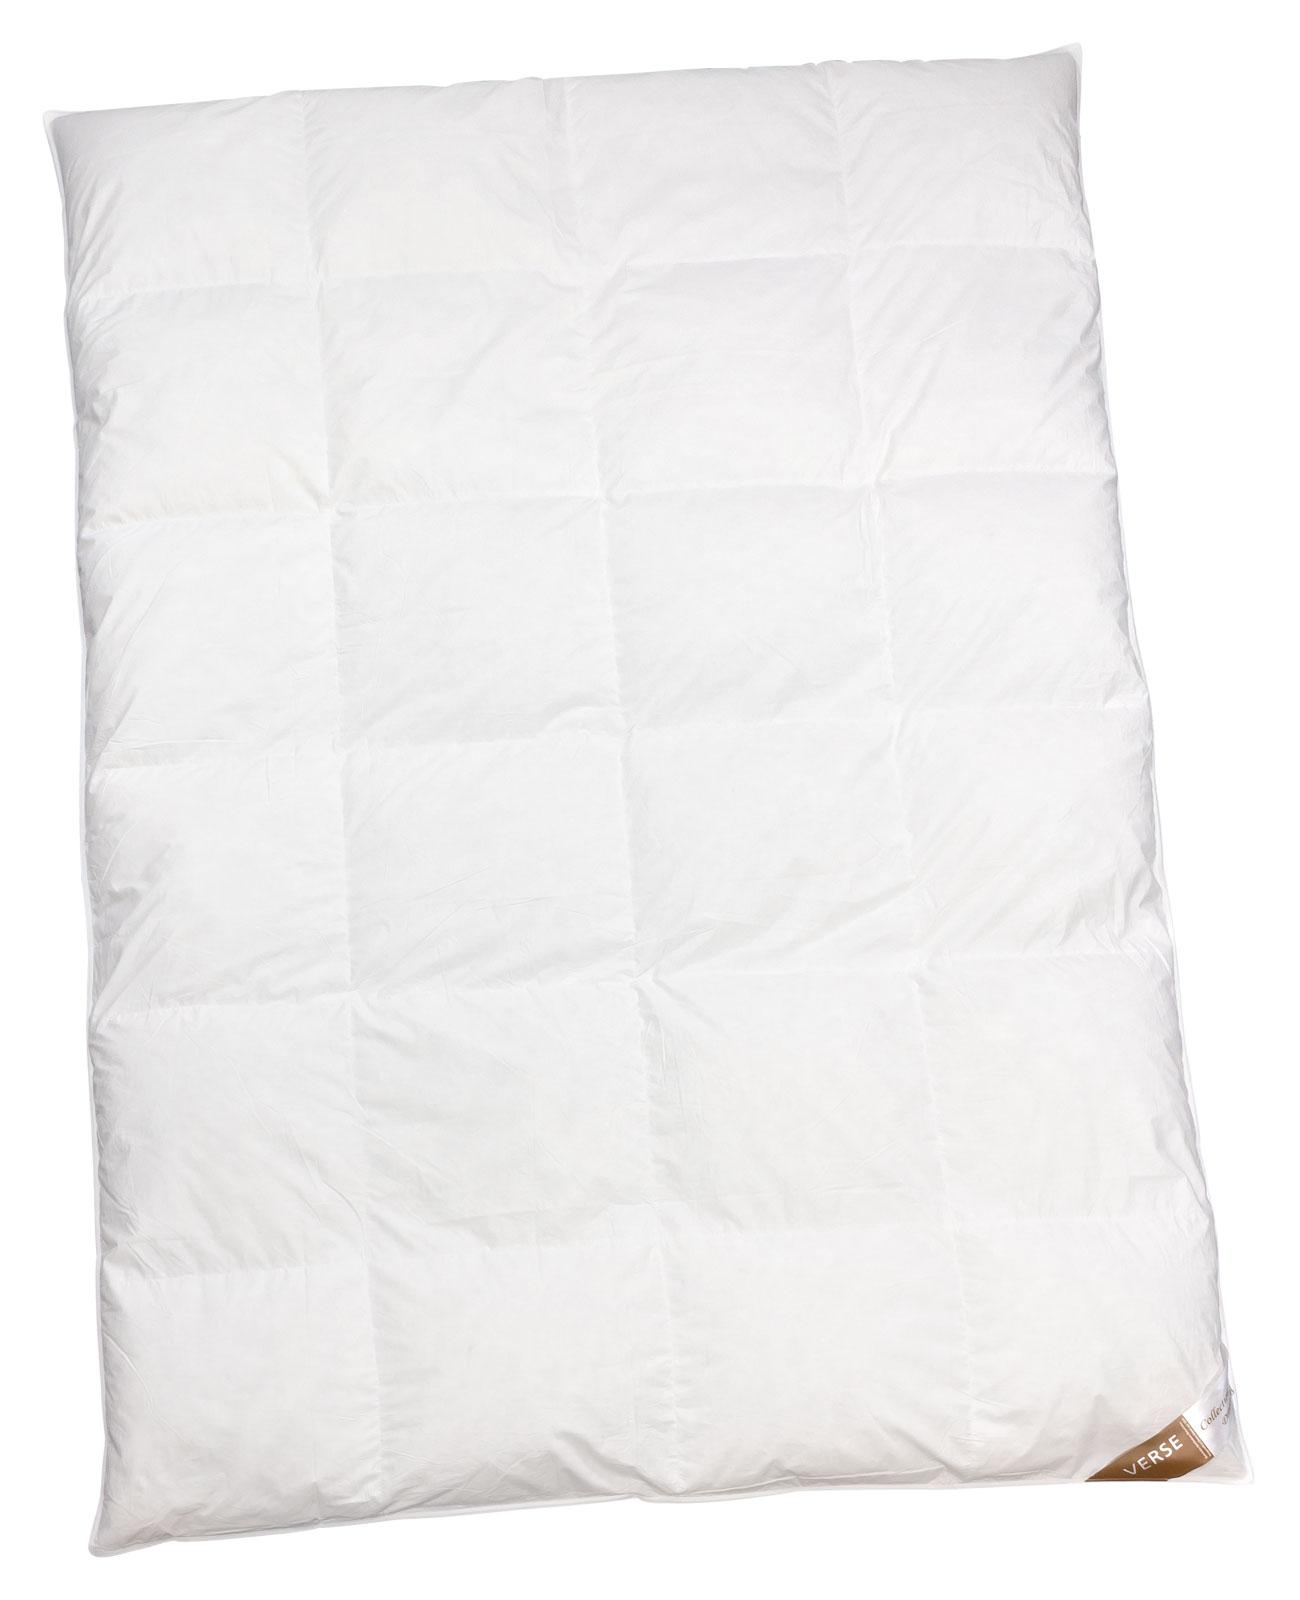 Bettdecken und Kopfkissen - Ganzjahresdecke leicht Daunen Bettdecke 155x200 Verse Collection Dreaming  - Onlineshop PremiumShop321